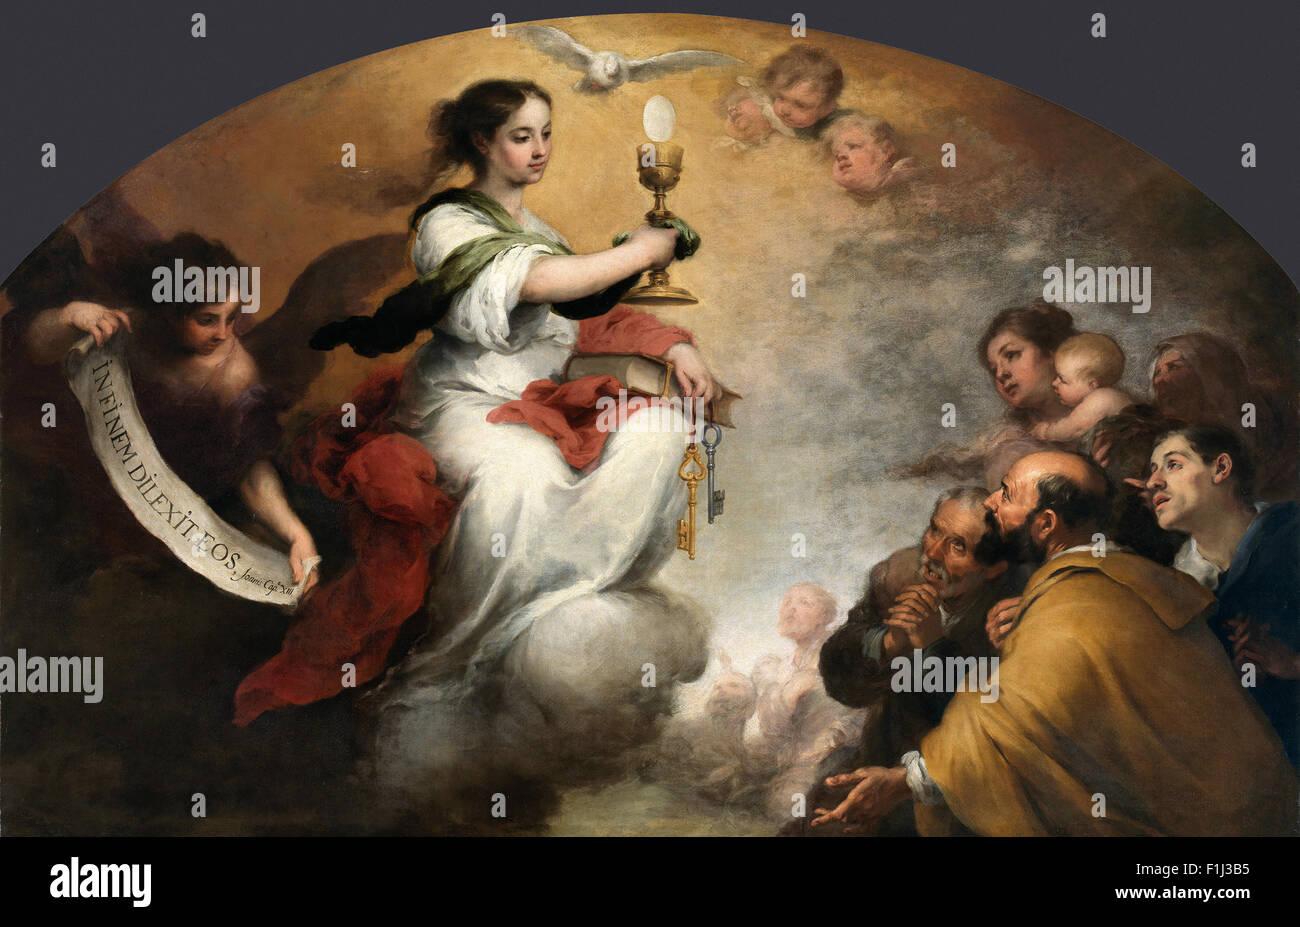 Bartolomé Esteban Murillo - Faith or the Church Triumphant - Stock Image